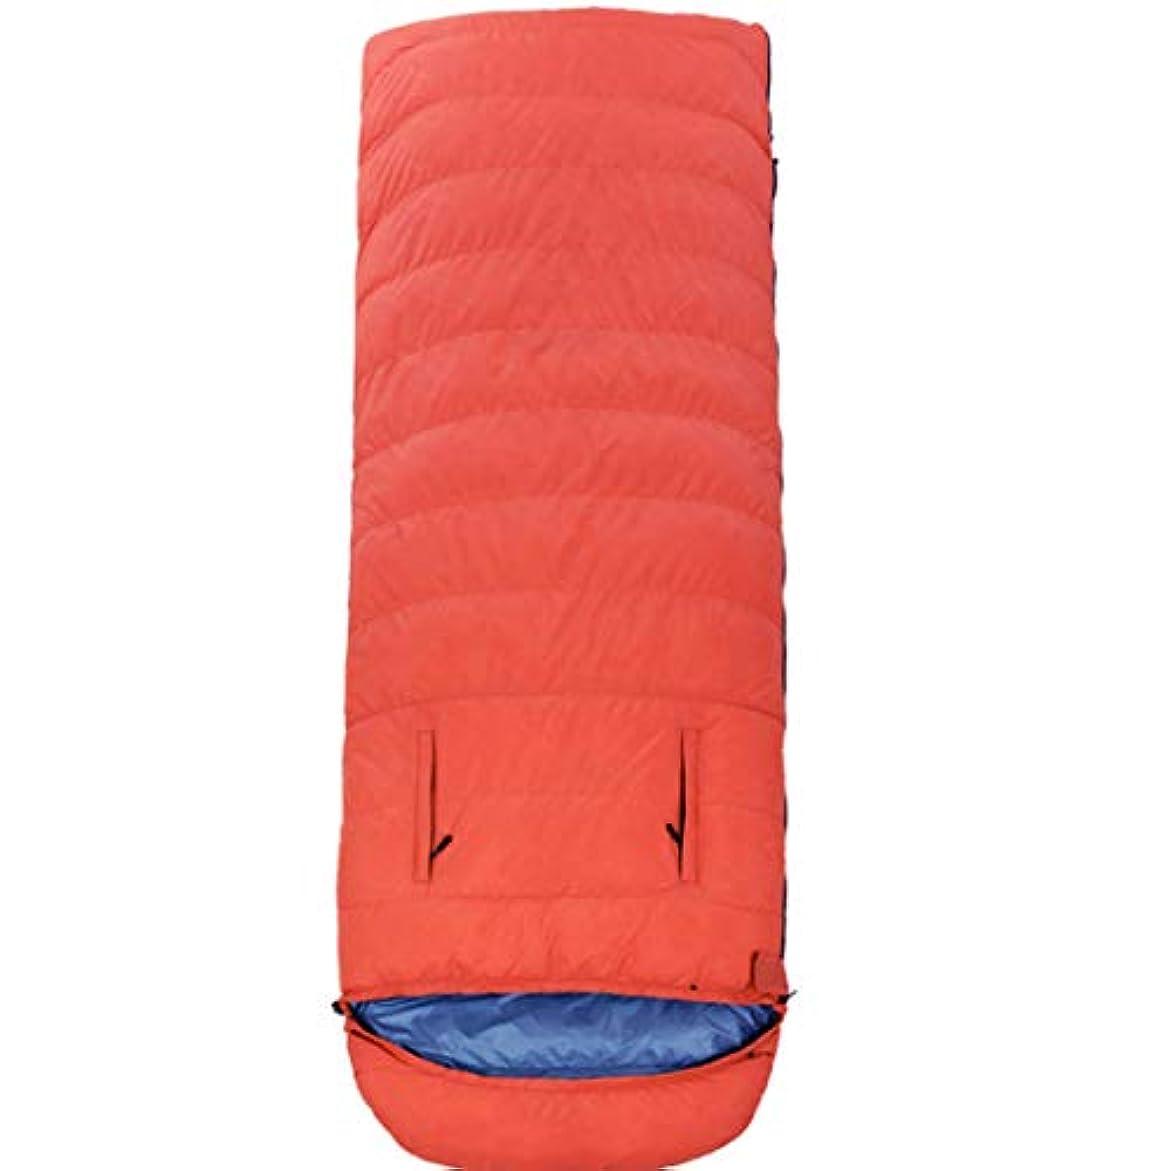 れんが作詞家コールKingsleyW 圧縮袋 キャンプ用 超軽量 寝袋 (色 : オレンジ, サイズ : 1500g)